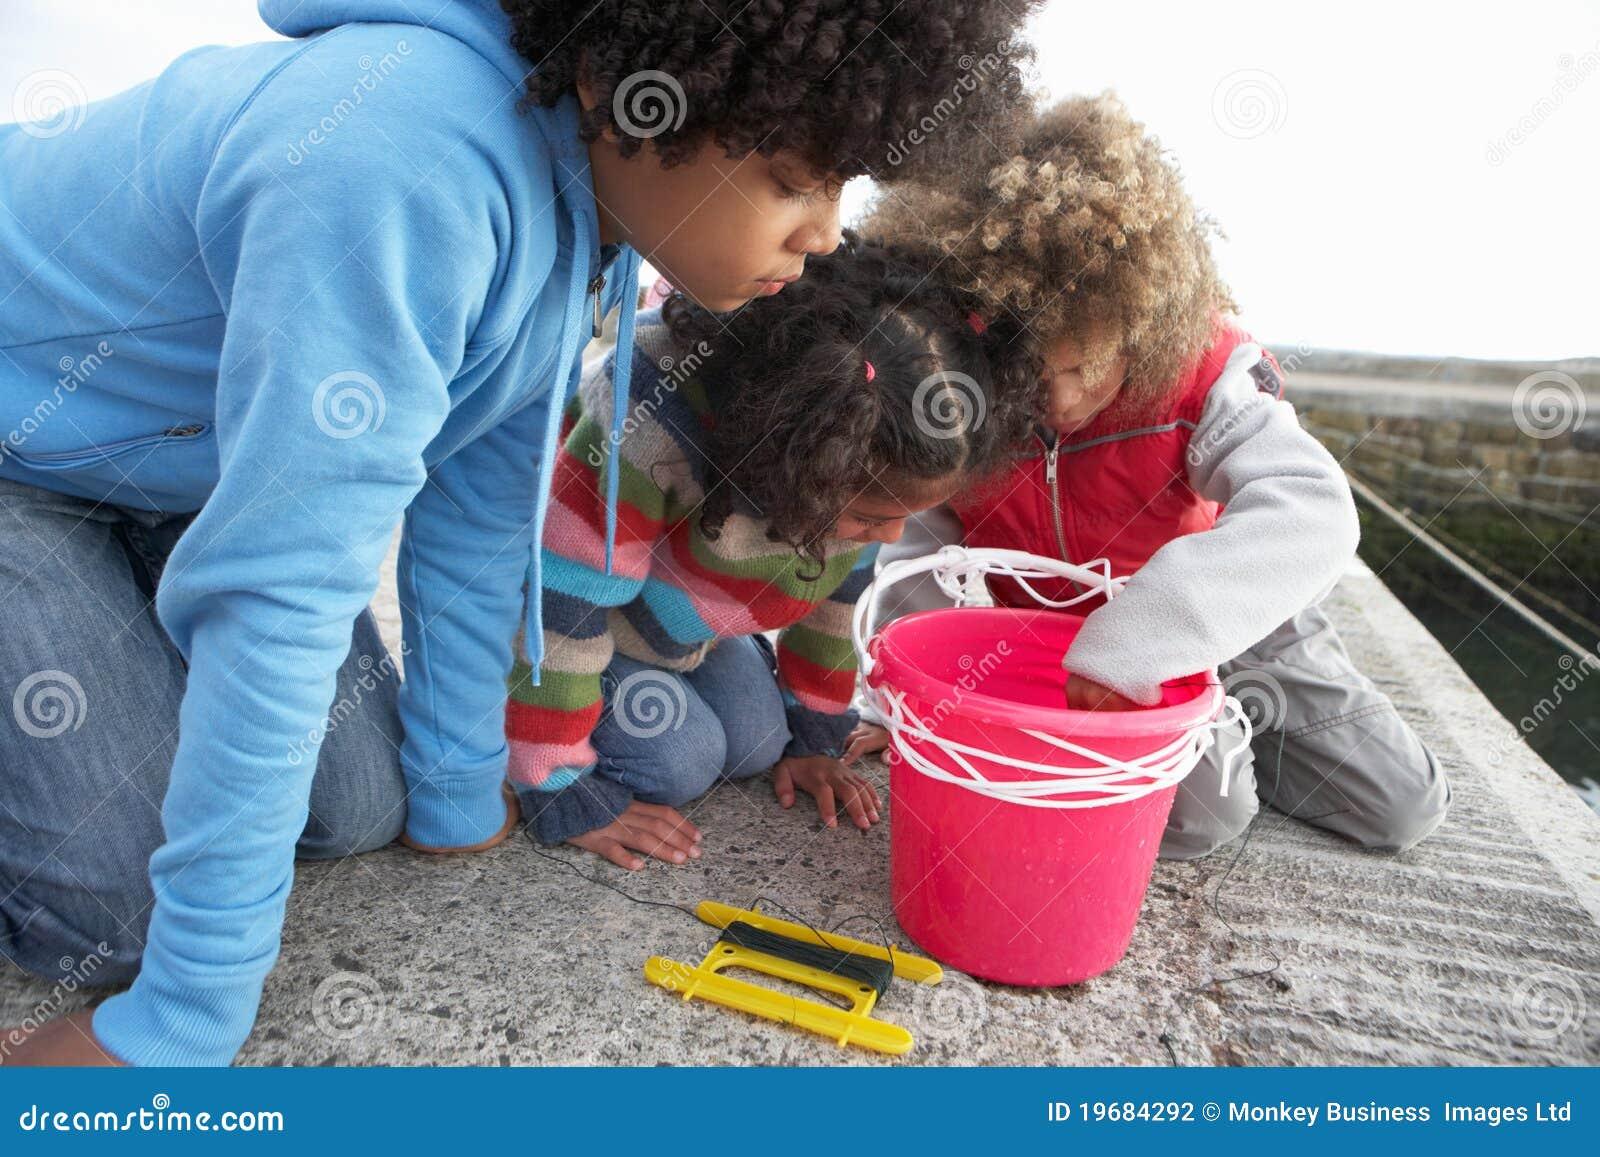 Kinderen die voor krabben vissen